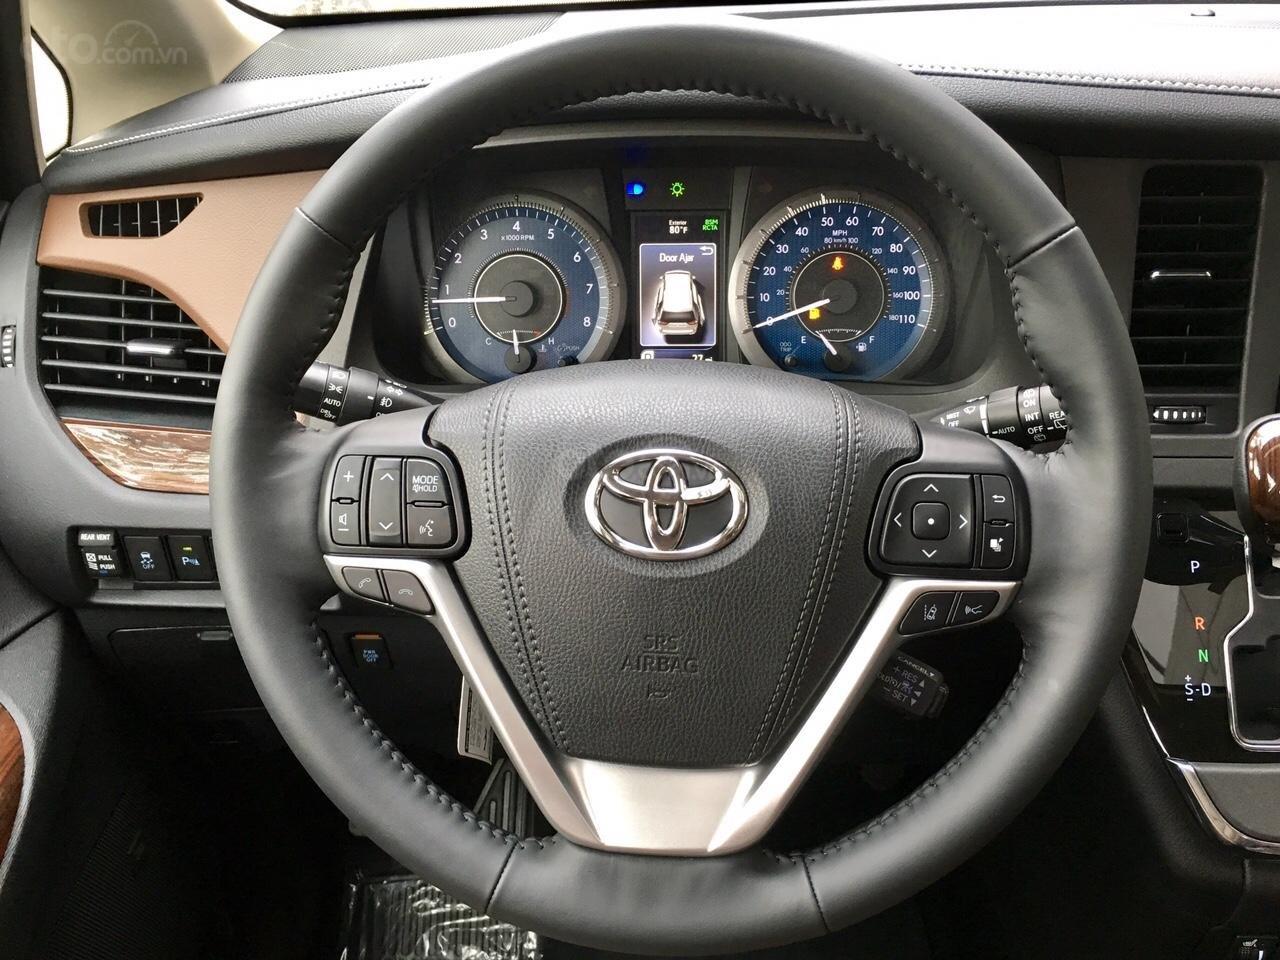 Bán Toyota Sienna Limited sản xuất 2019, mới 100%, đủ màu giao ngay, giá rẻ nhất -20